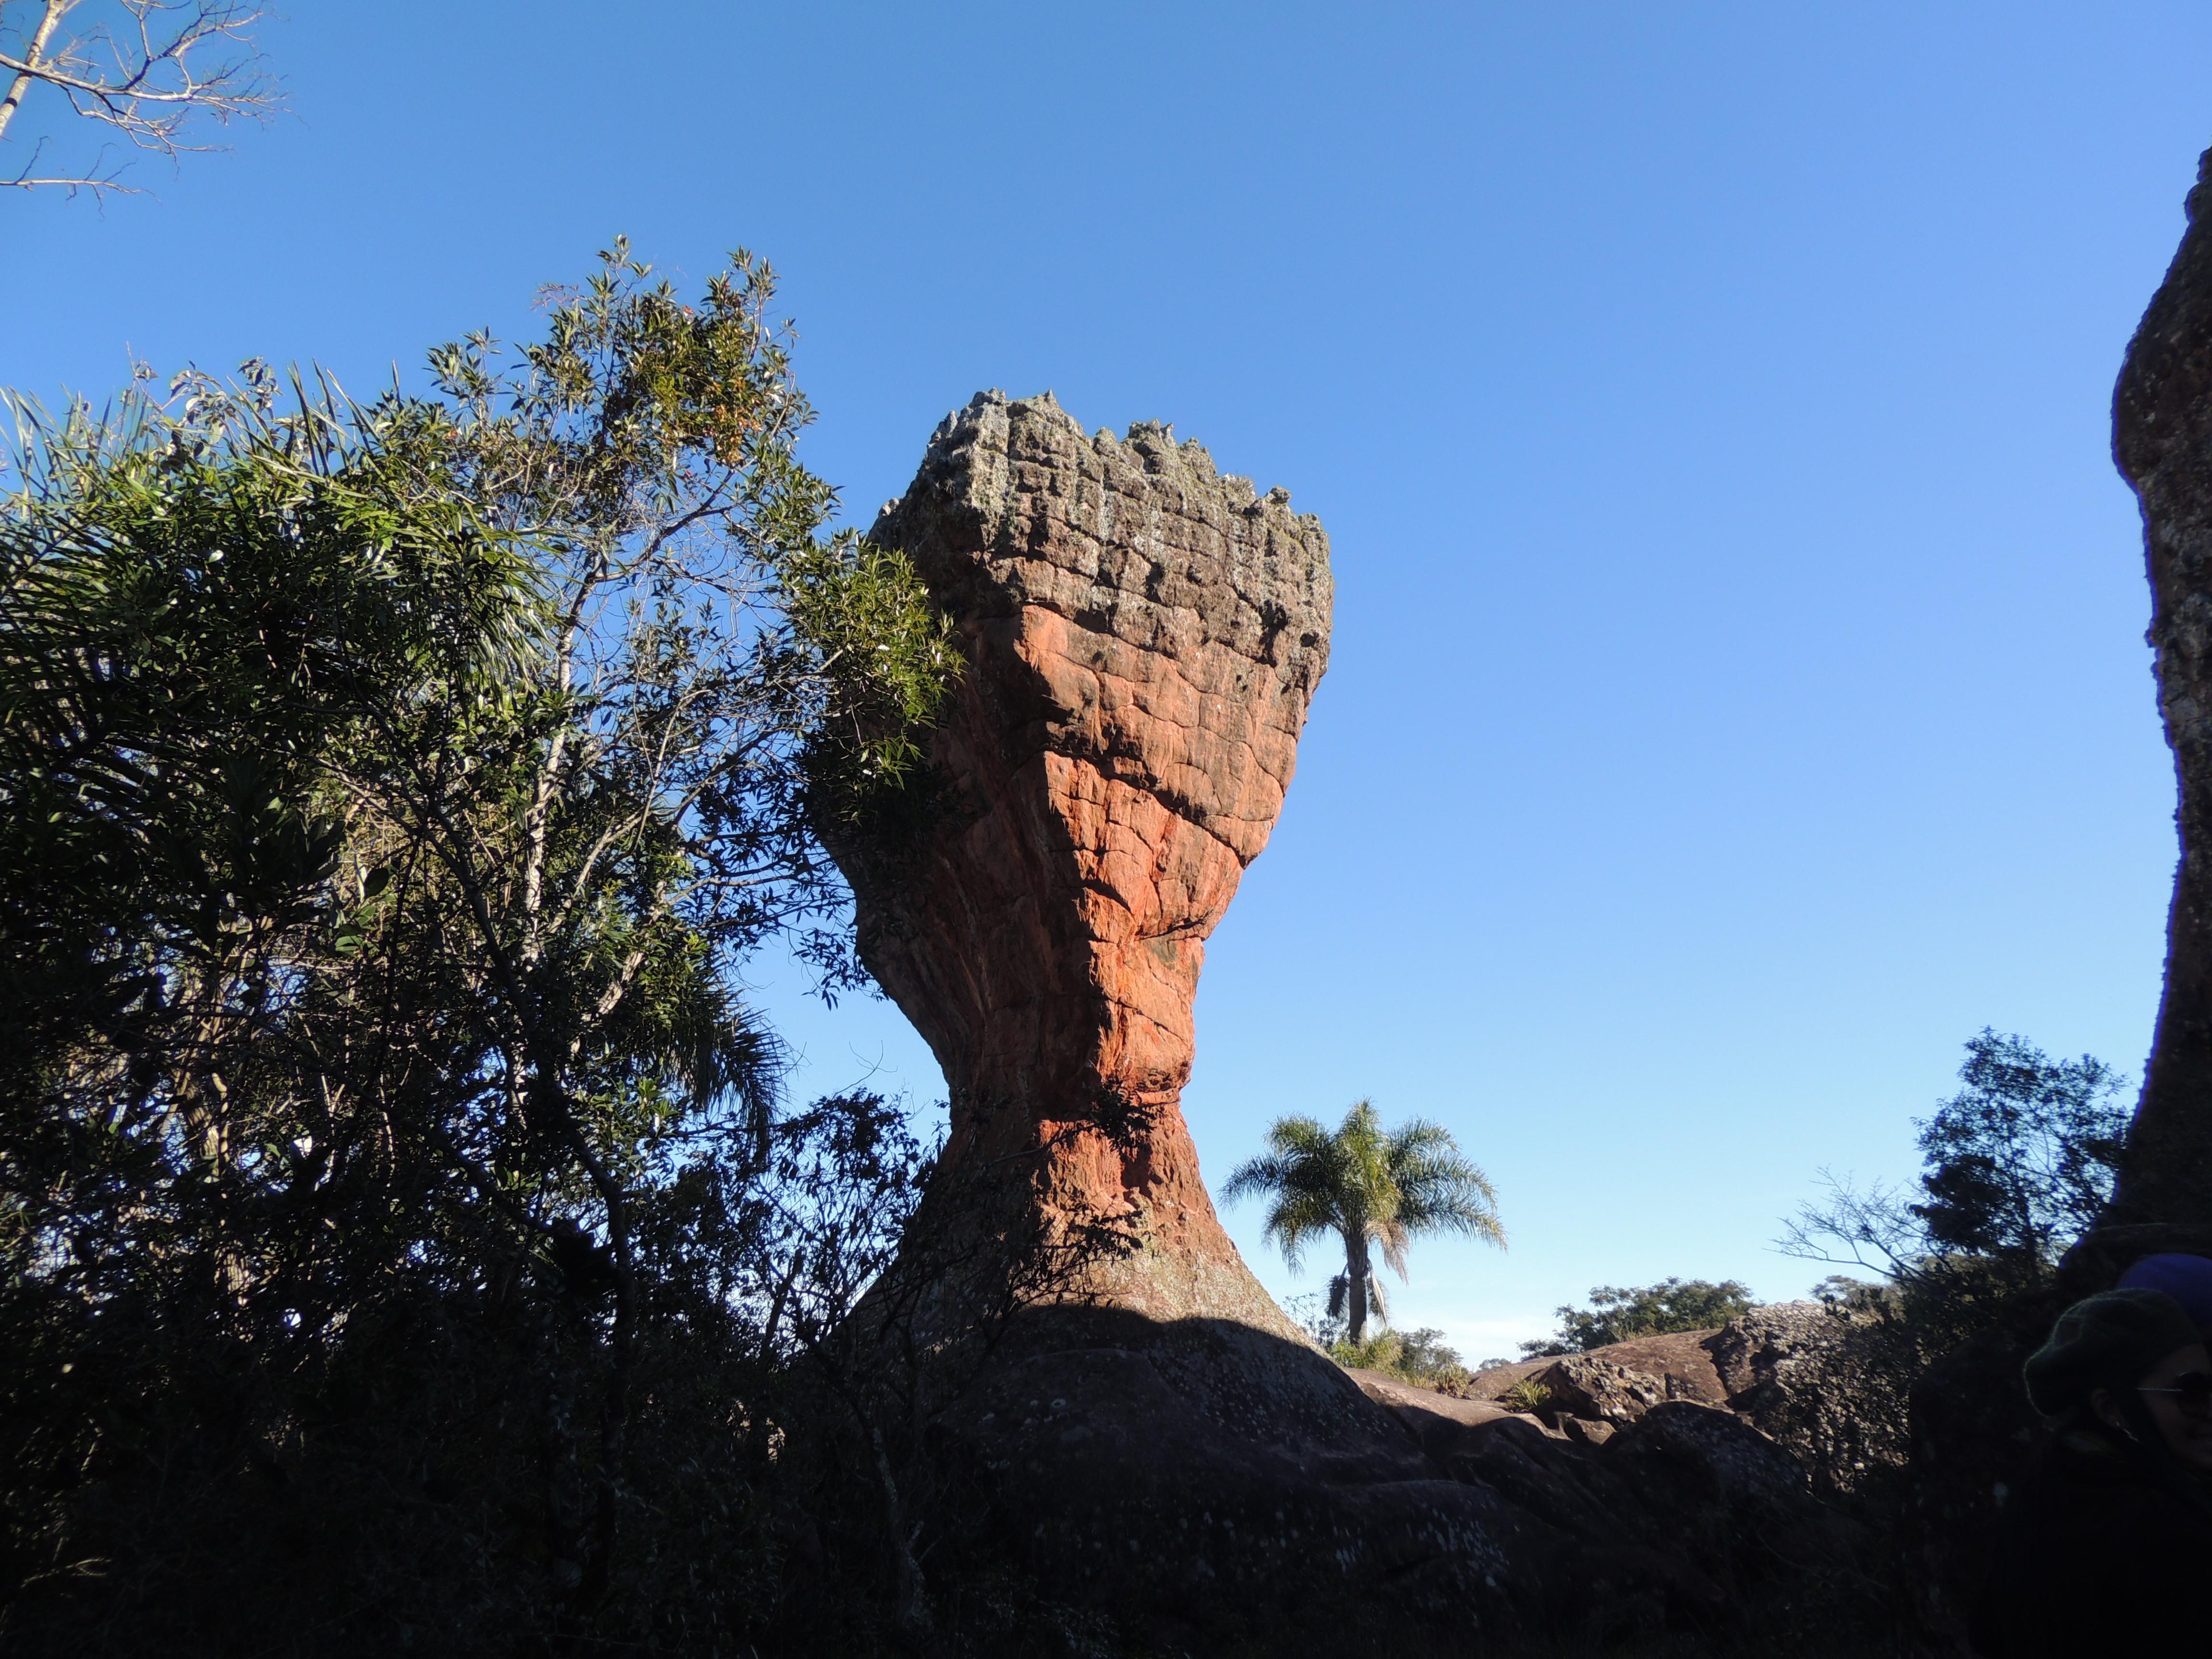 Ponta Grossa: Vila Velha, Buraco do Padre e outras cachoeiras